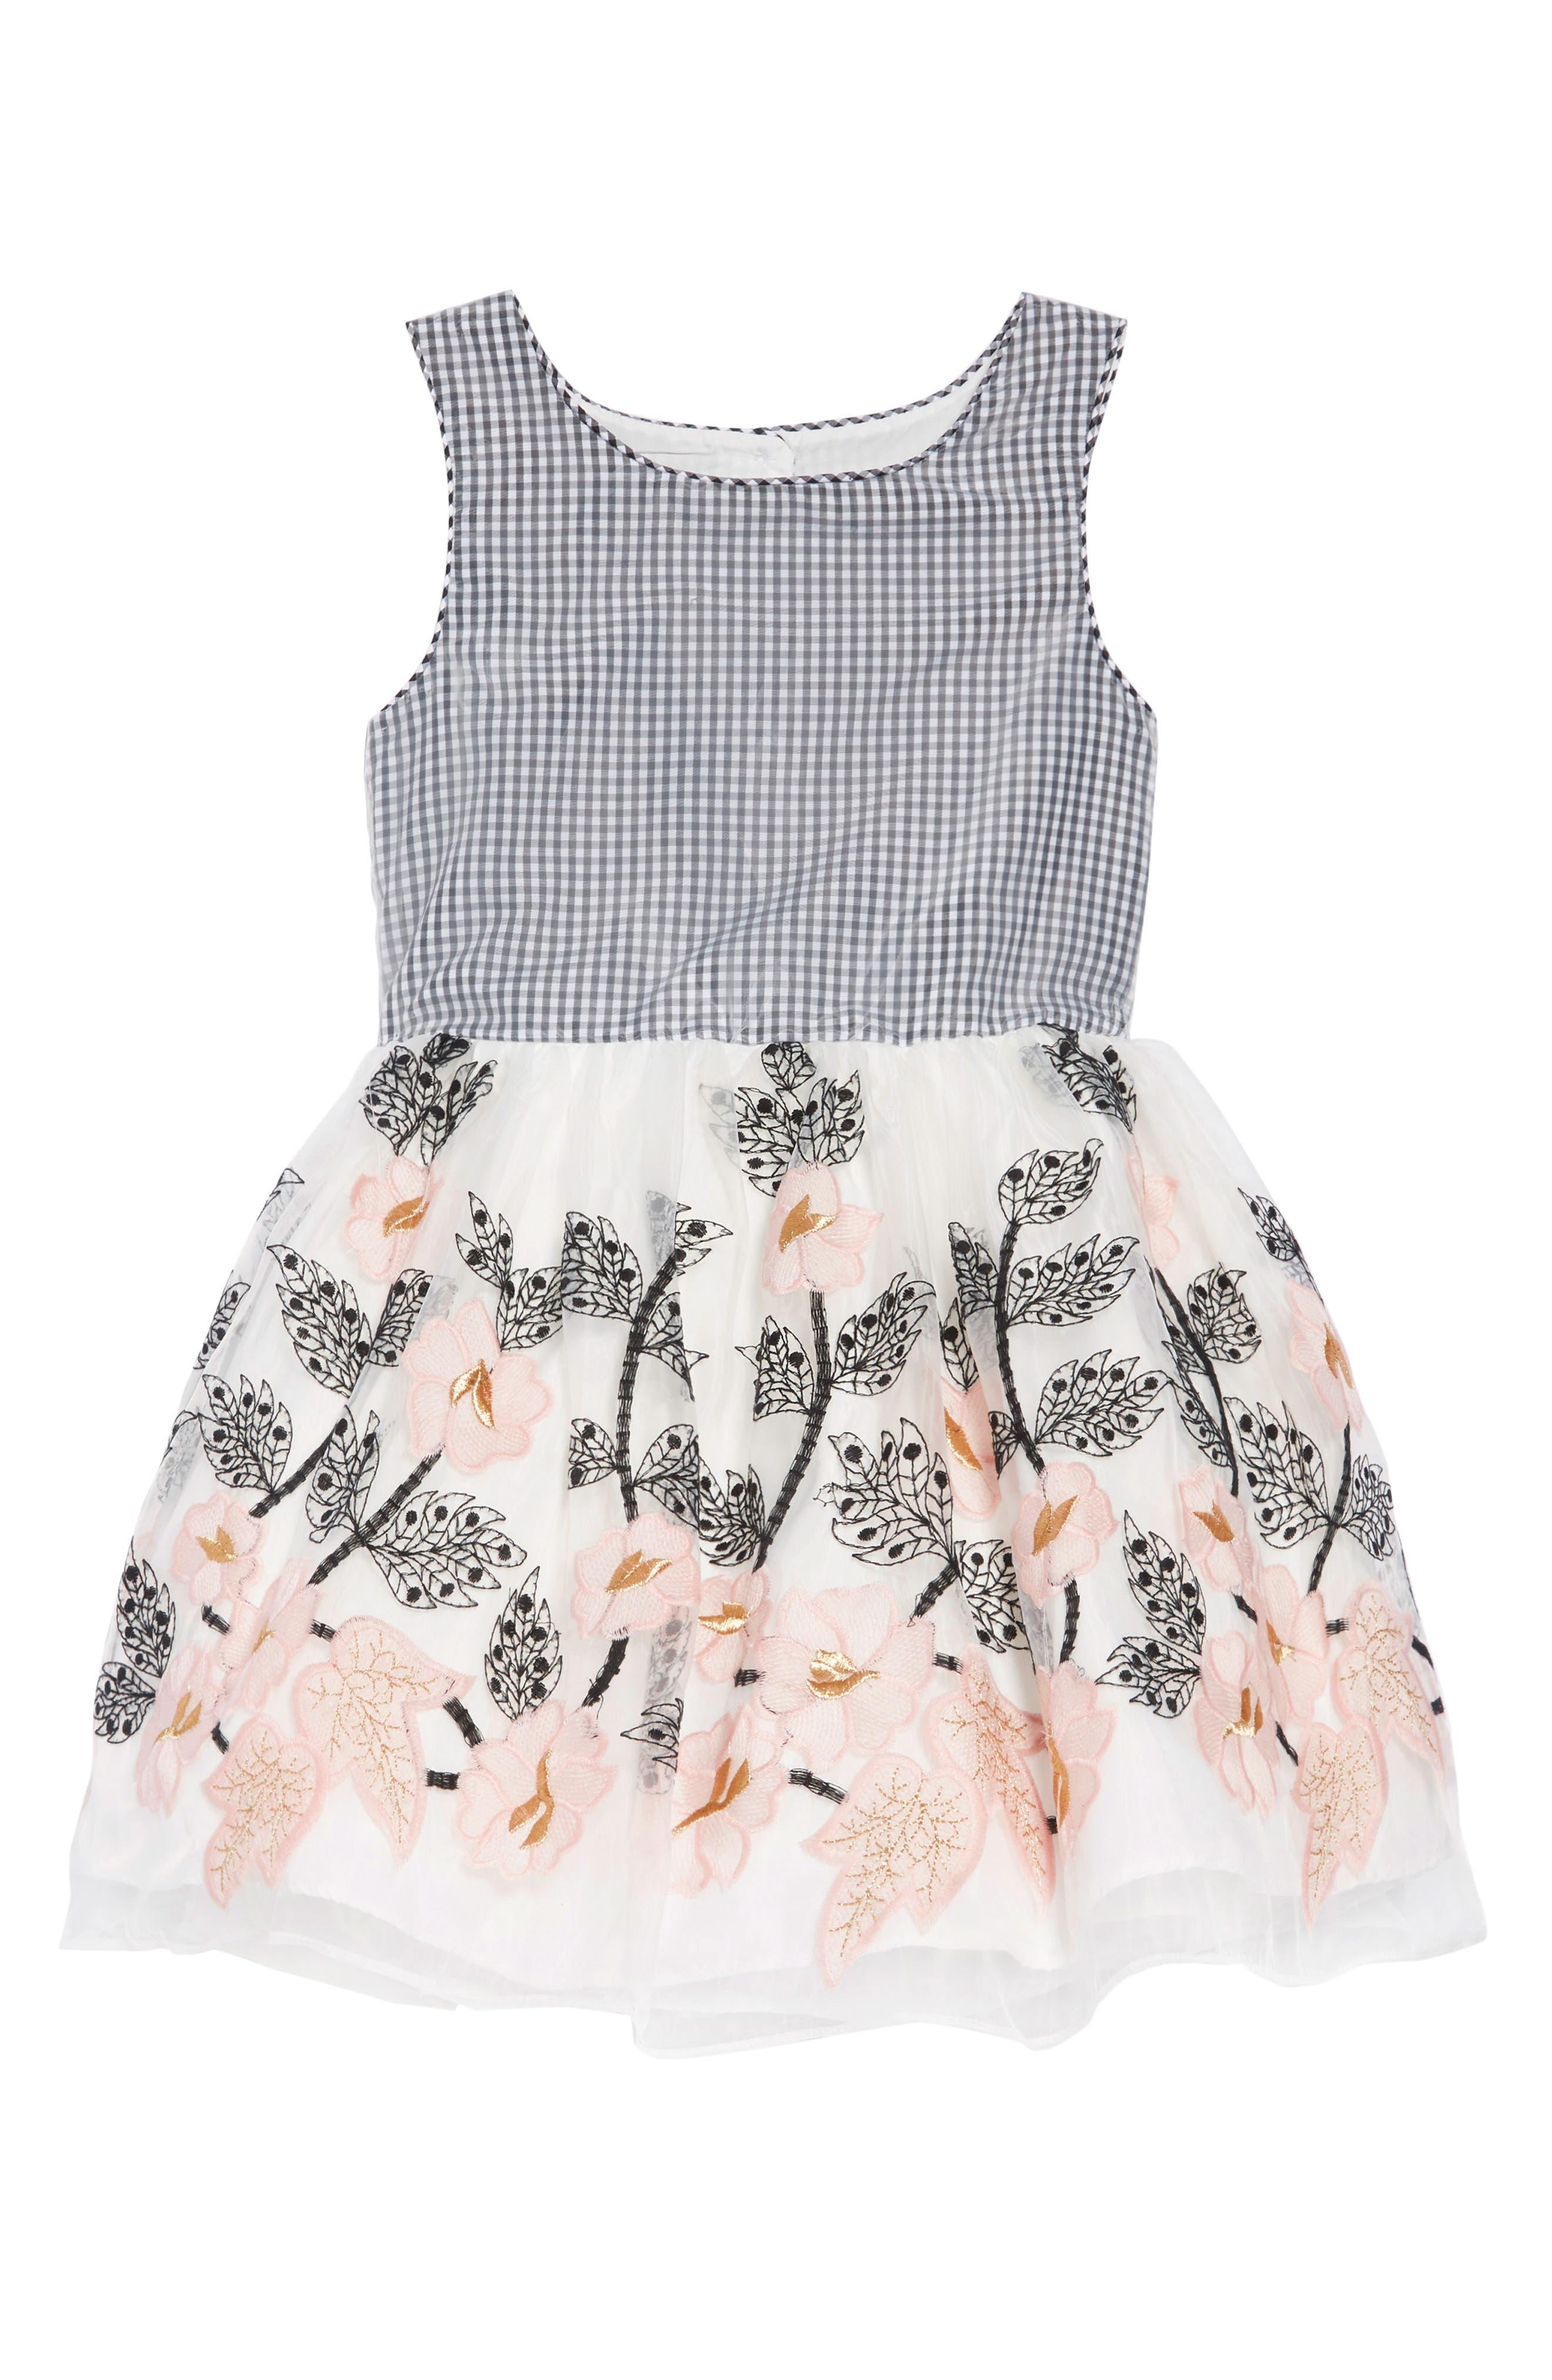 PIPPA & JULIE Gingham & Floral Embellished Dress, Main, color, BLACK/ WHITE